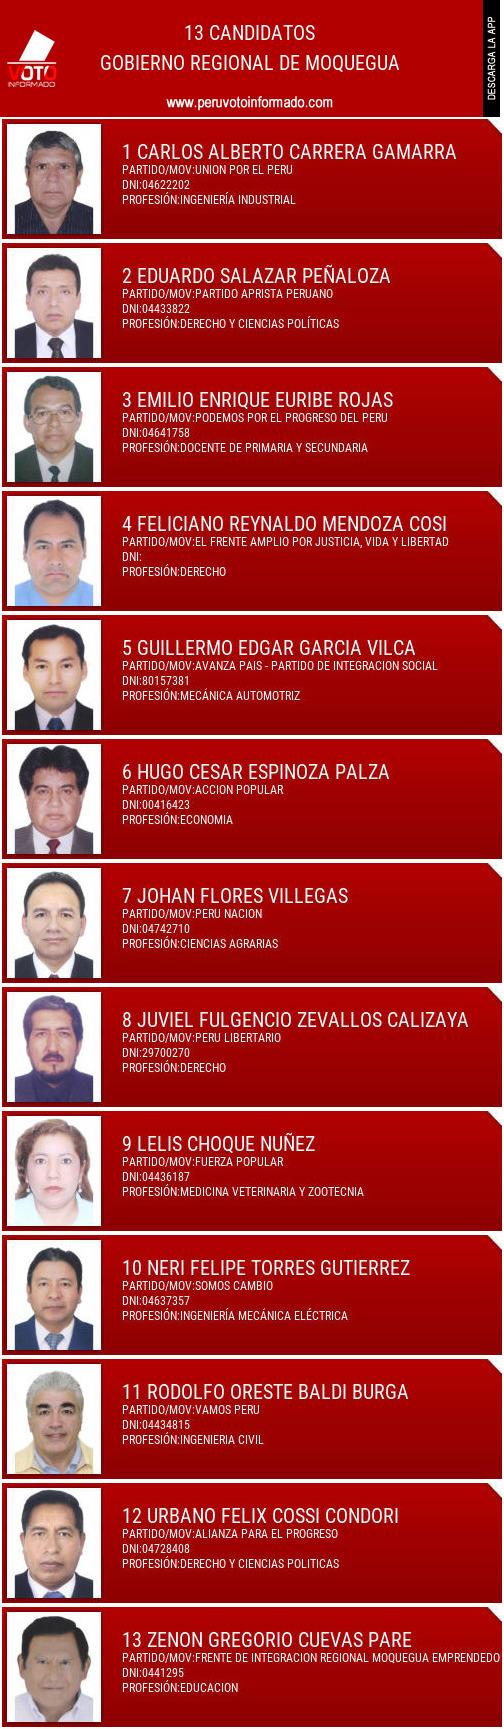 Gobierno regional de MOQUEGUA